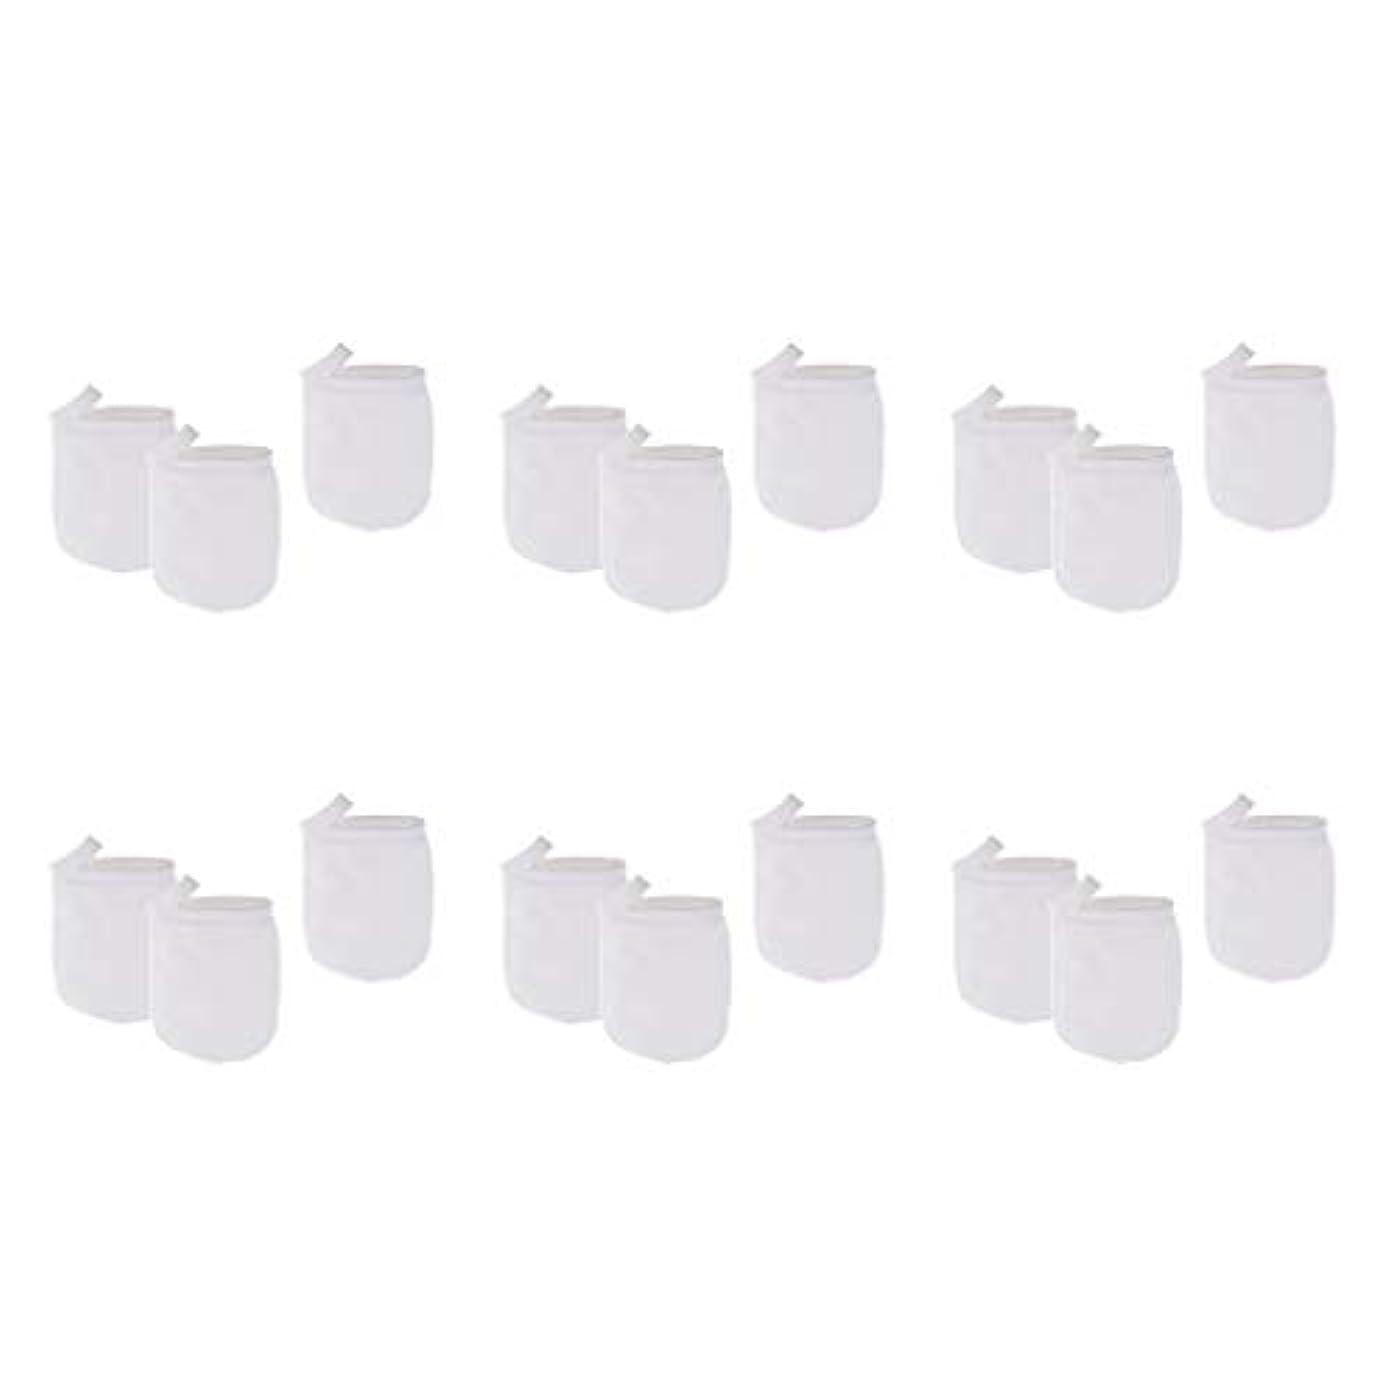 記念品置くためにパック感じ約18個パックフェイスクレンジング手袋 リムーバー手袋 洗顔グローブ 手袋 グローブ メイク落とし